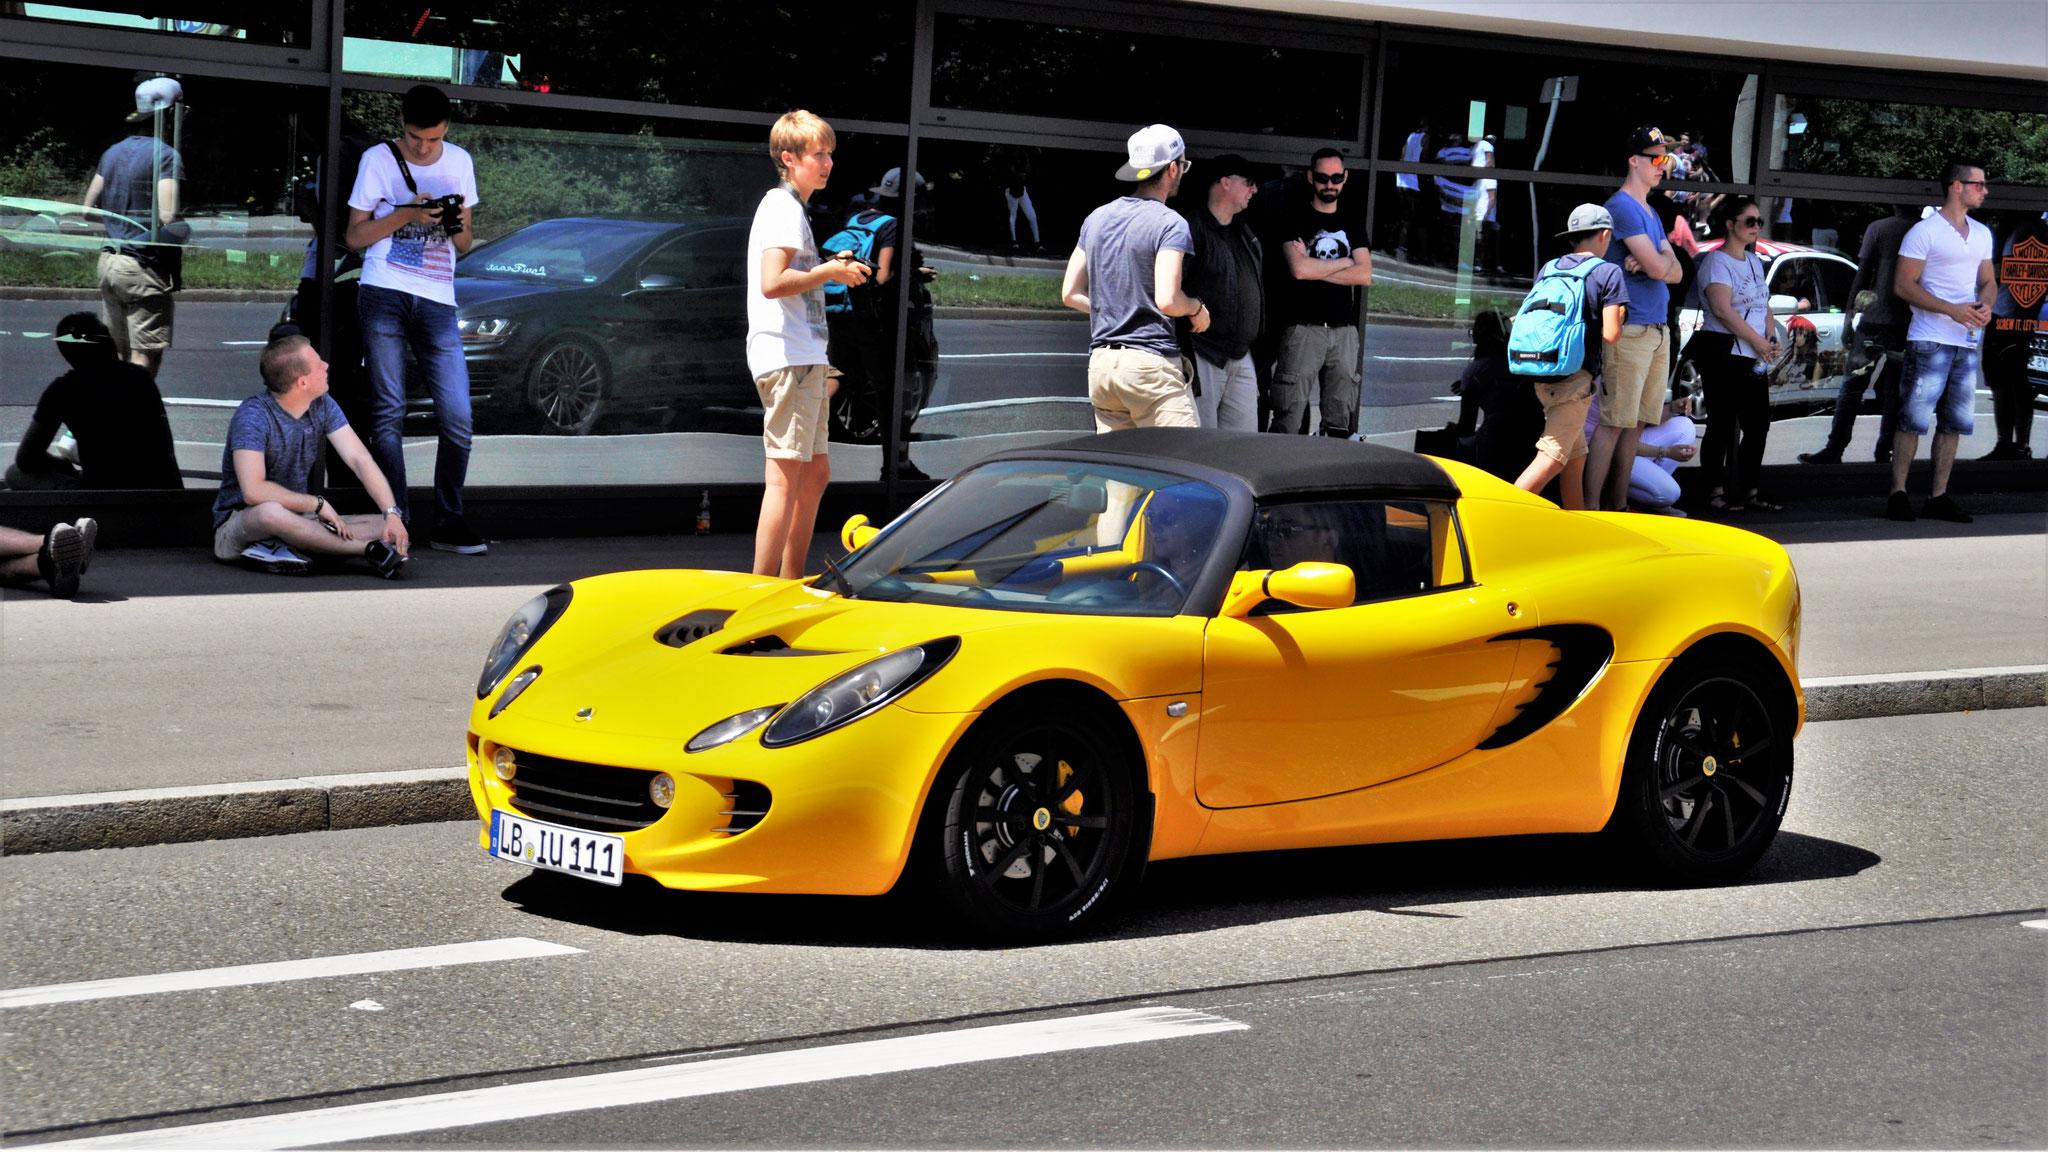 Lotus Elise S2 - LB-IU-111